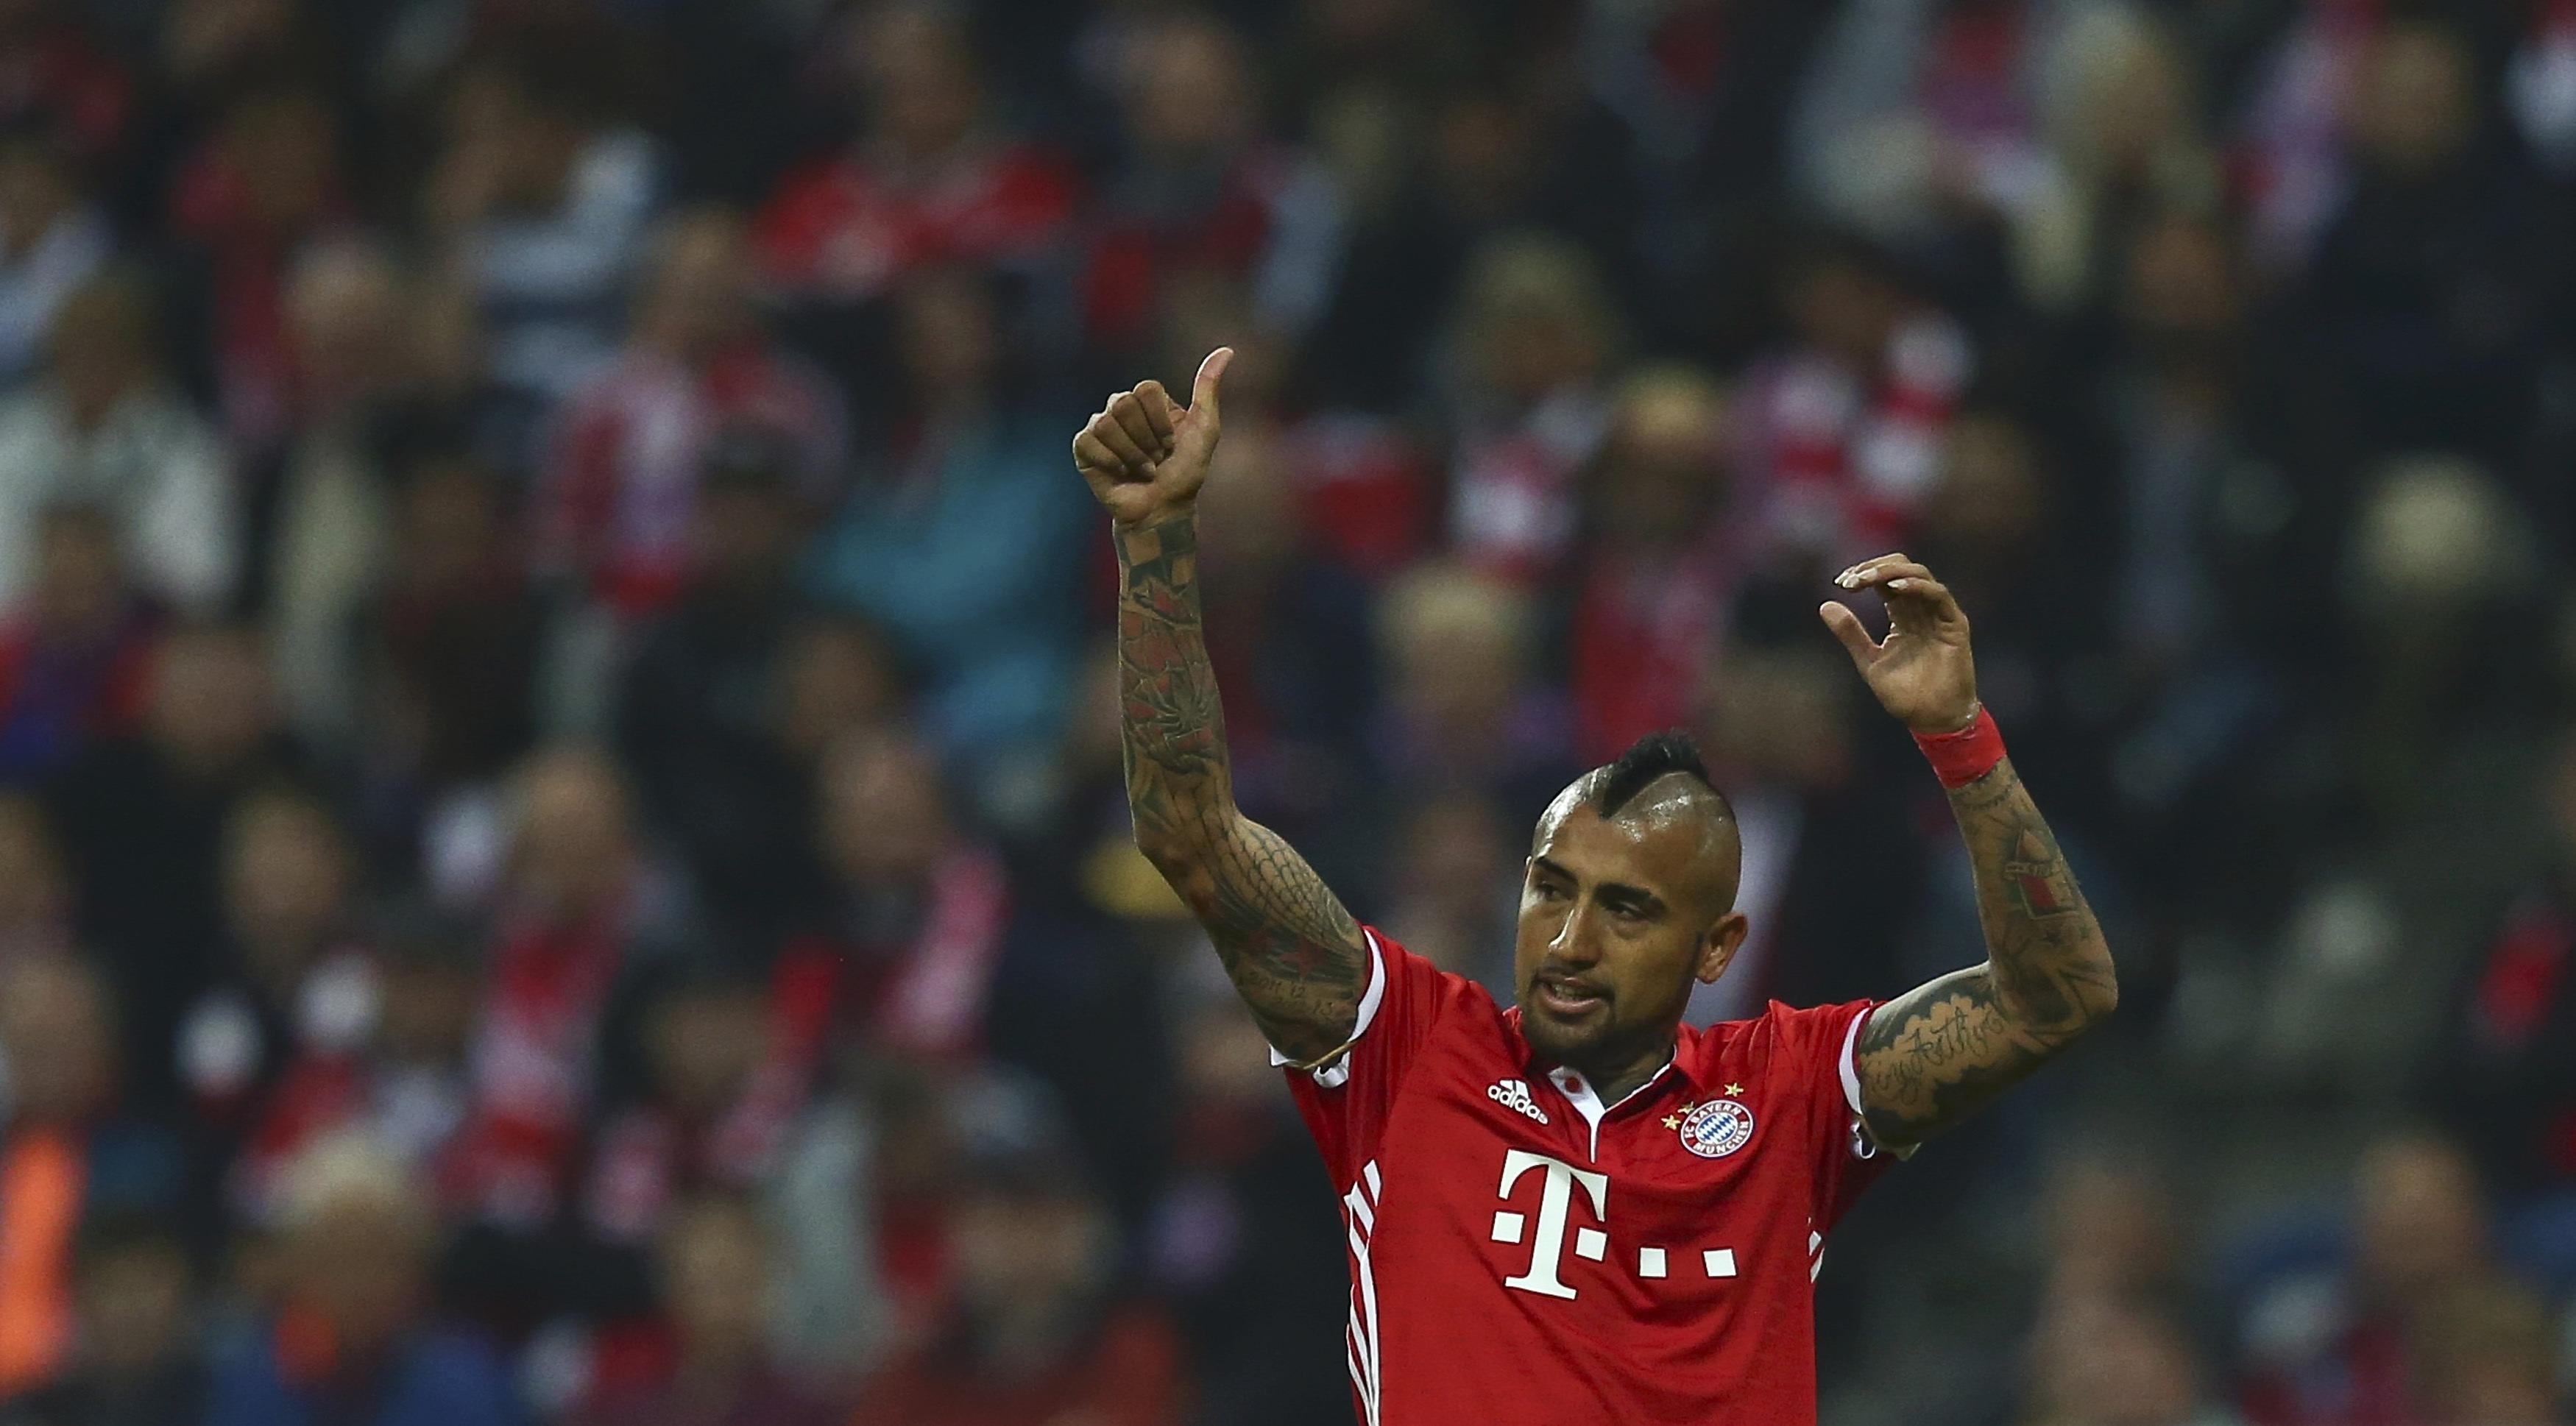 Football - Etranger - Le but un peu fou d'Arturo Vidal à l'entraînement